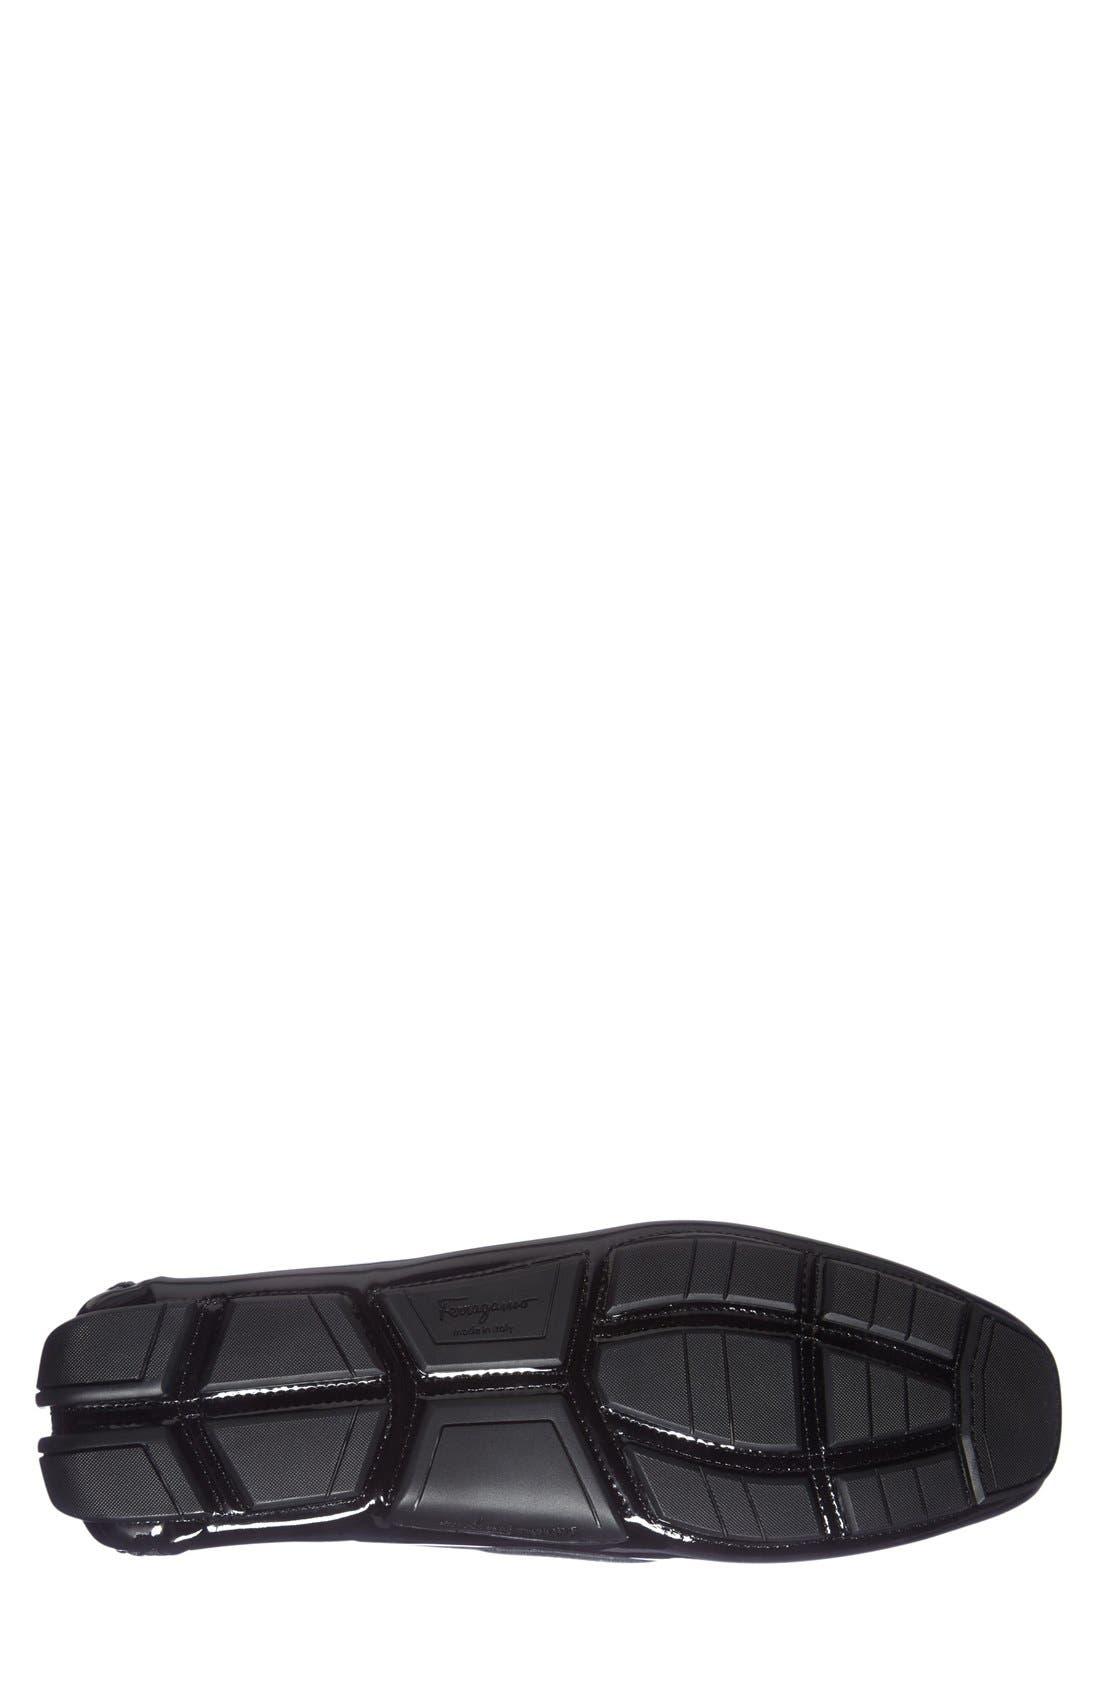 Alternate Image 4  - Salvatore Ferragamo 'Parigi' Patent Leather Driving Shoe (Men)